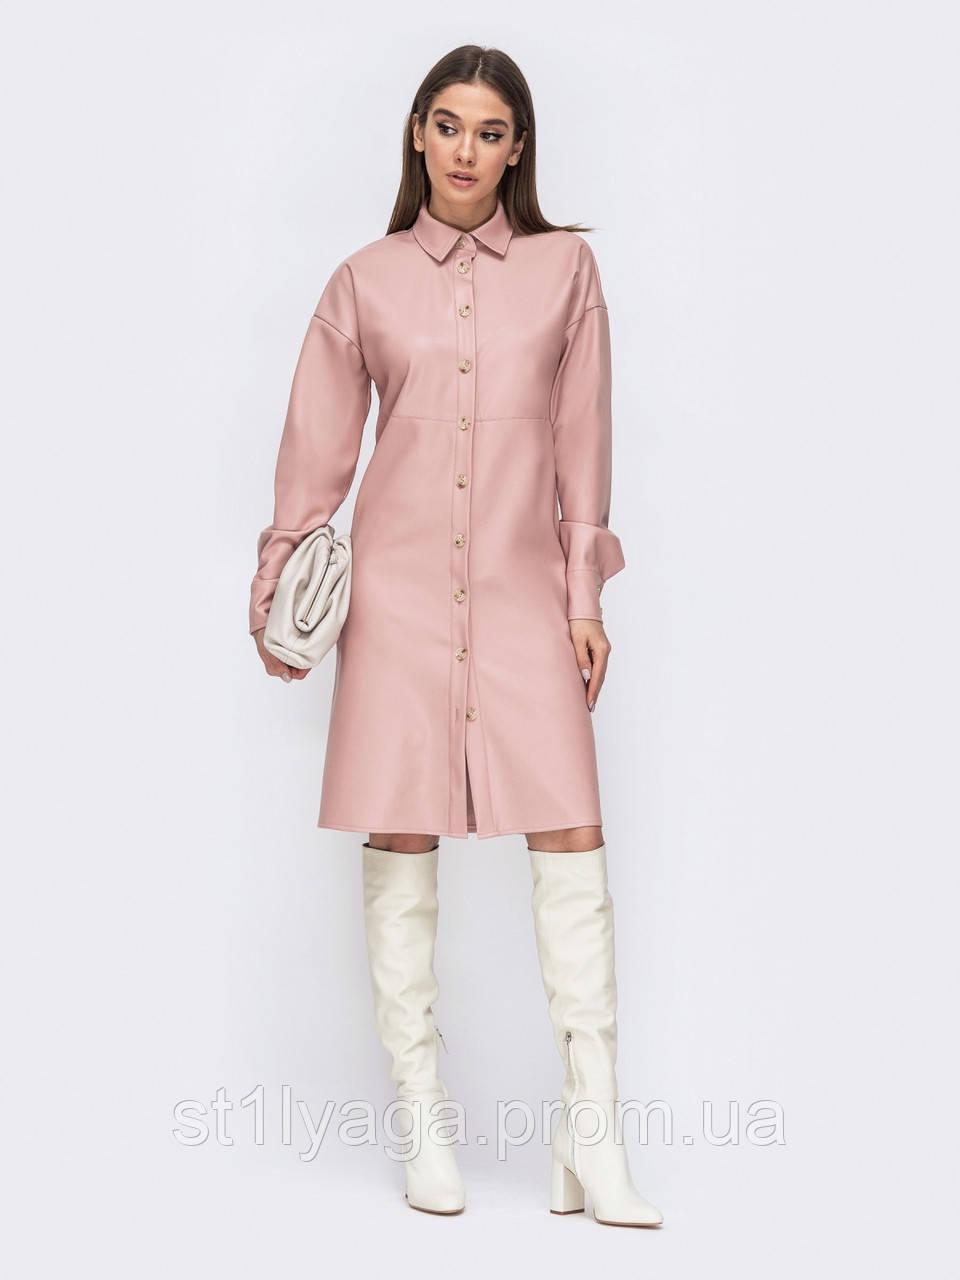 Кожаное платье-рубашка с объемными рукавами в розовом цвете